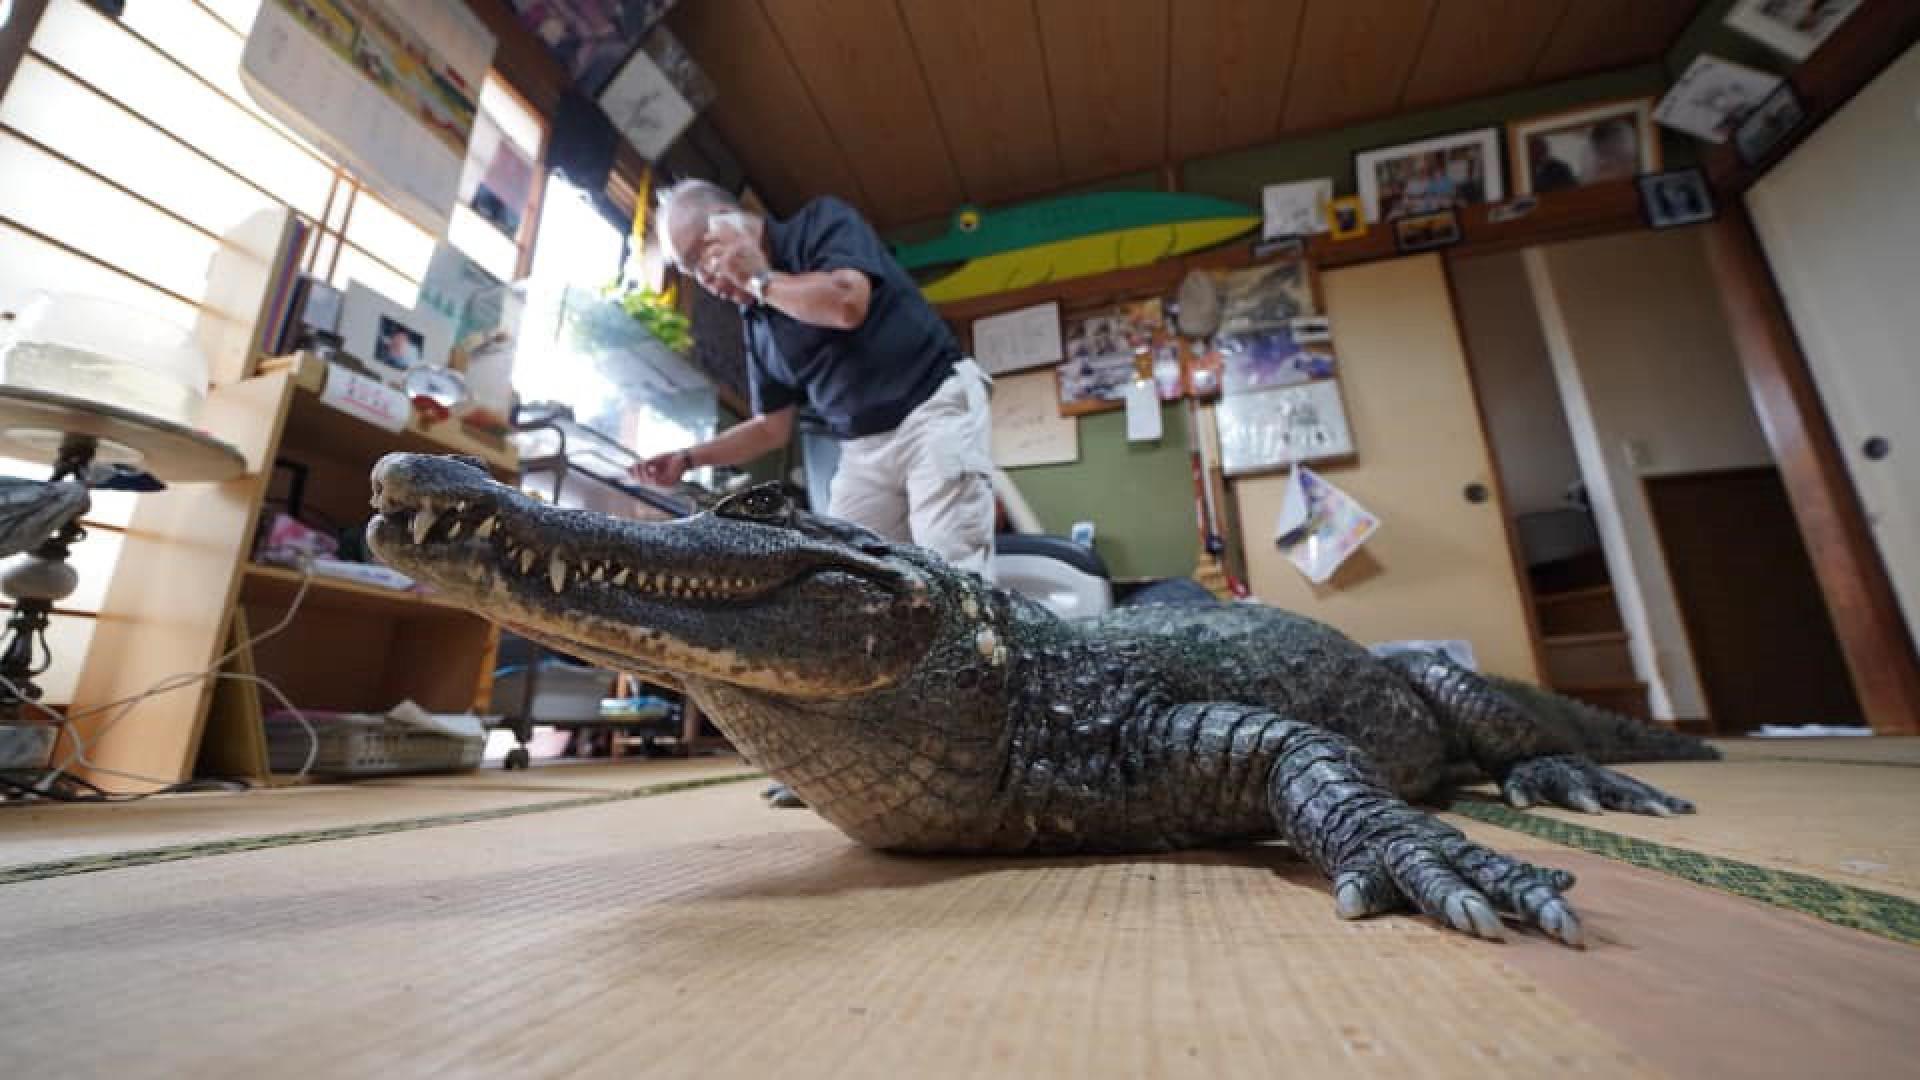 Nada de cachorro, gato ou papagaio. O animal de estimação acolhido pelo japonês Nobumitsu Murabayashi é um crocodilo